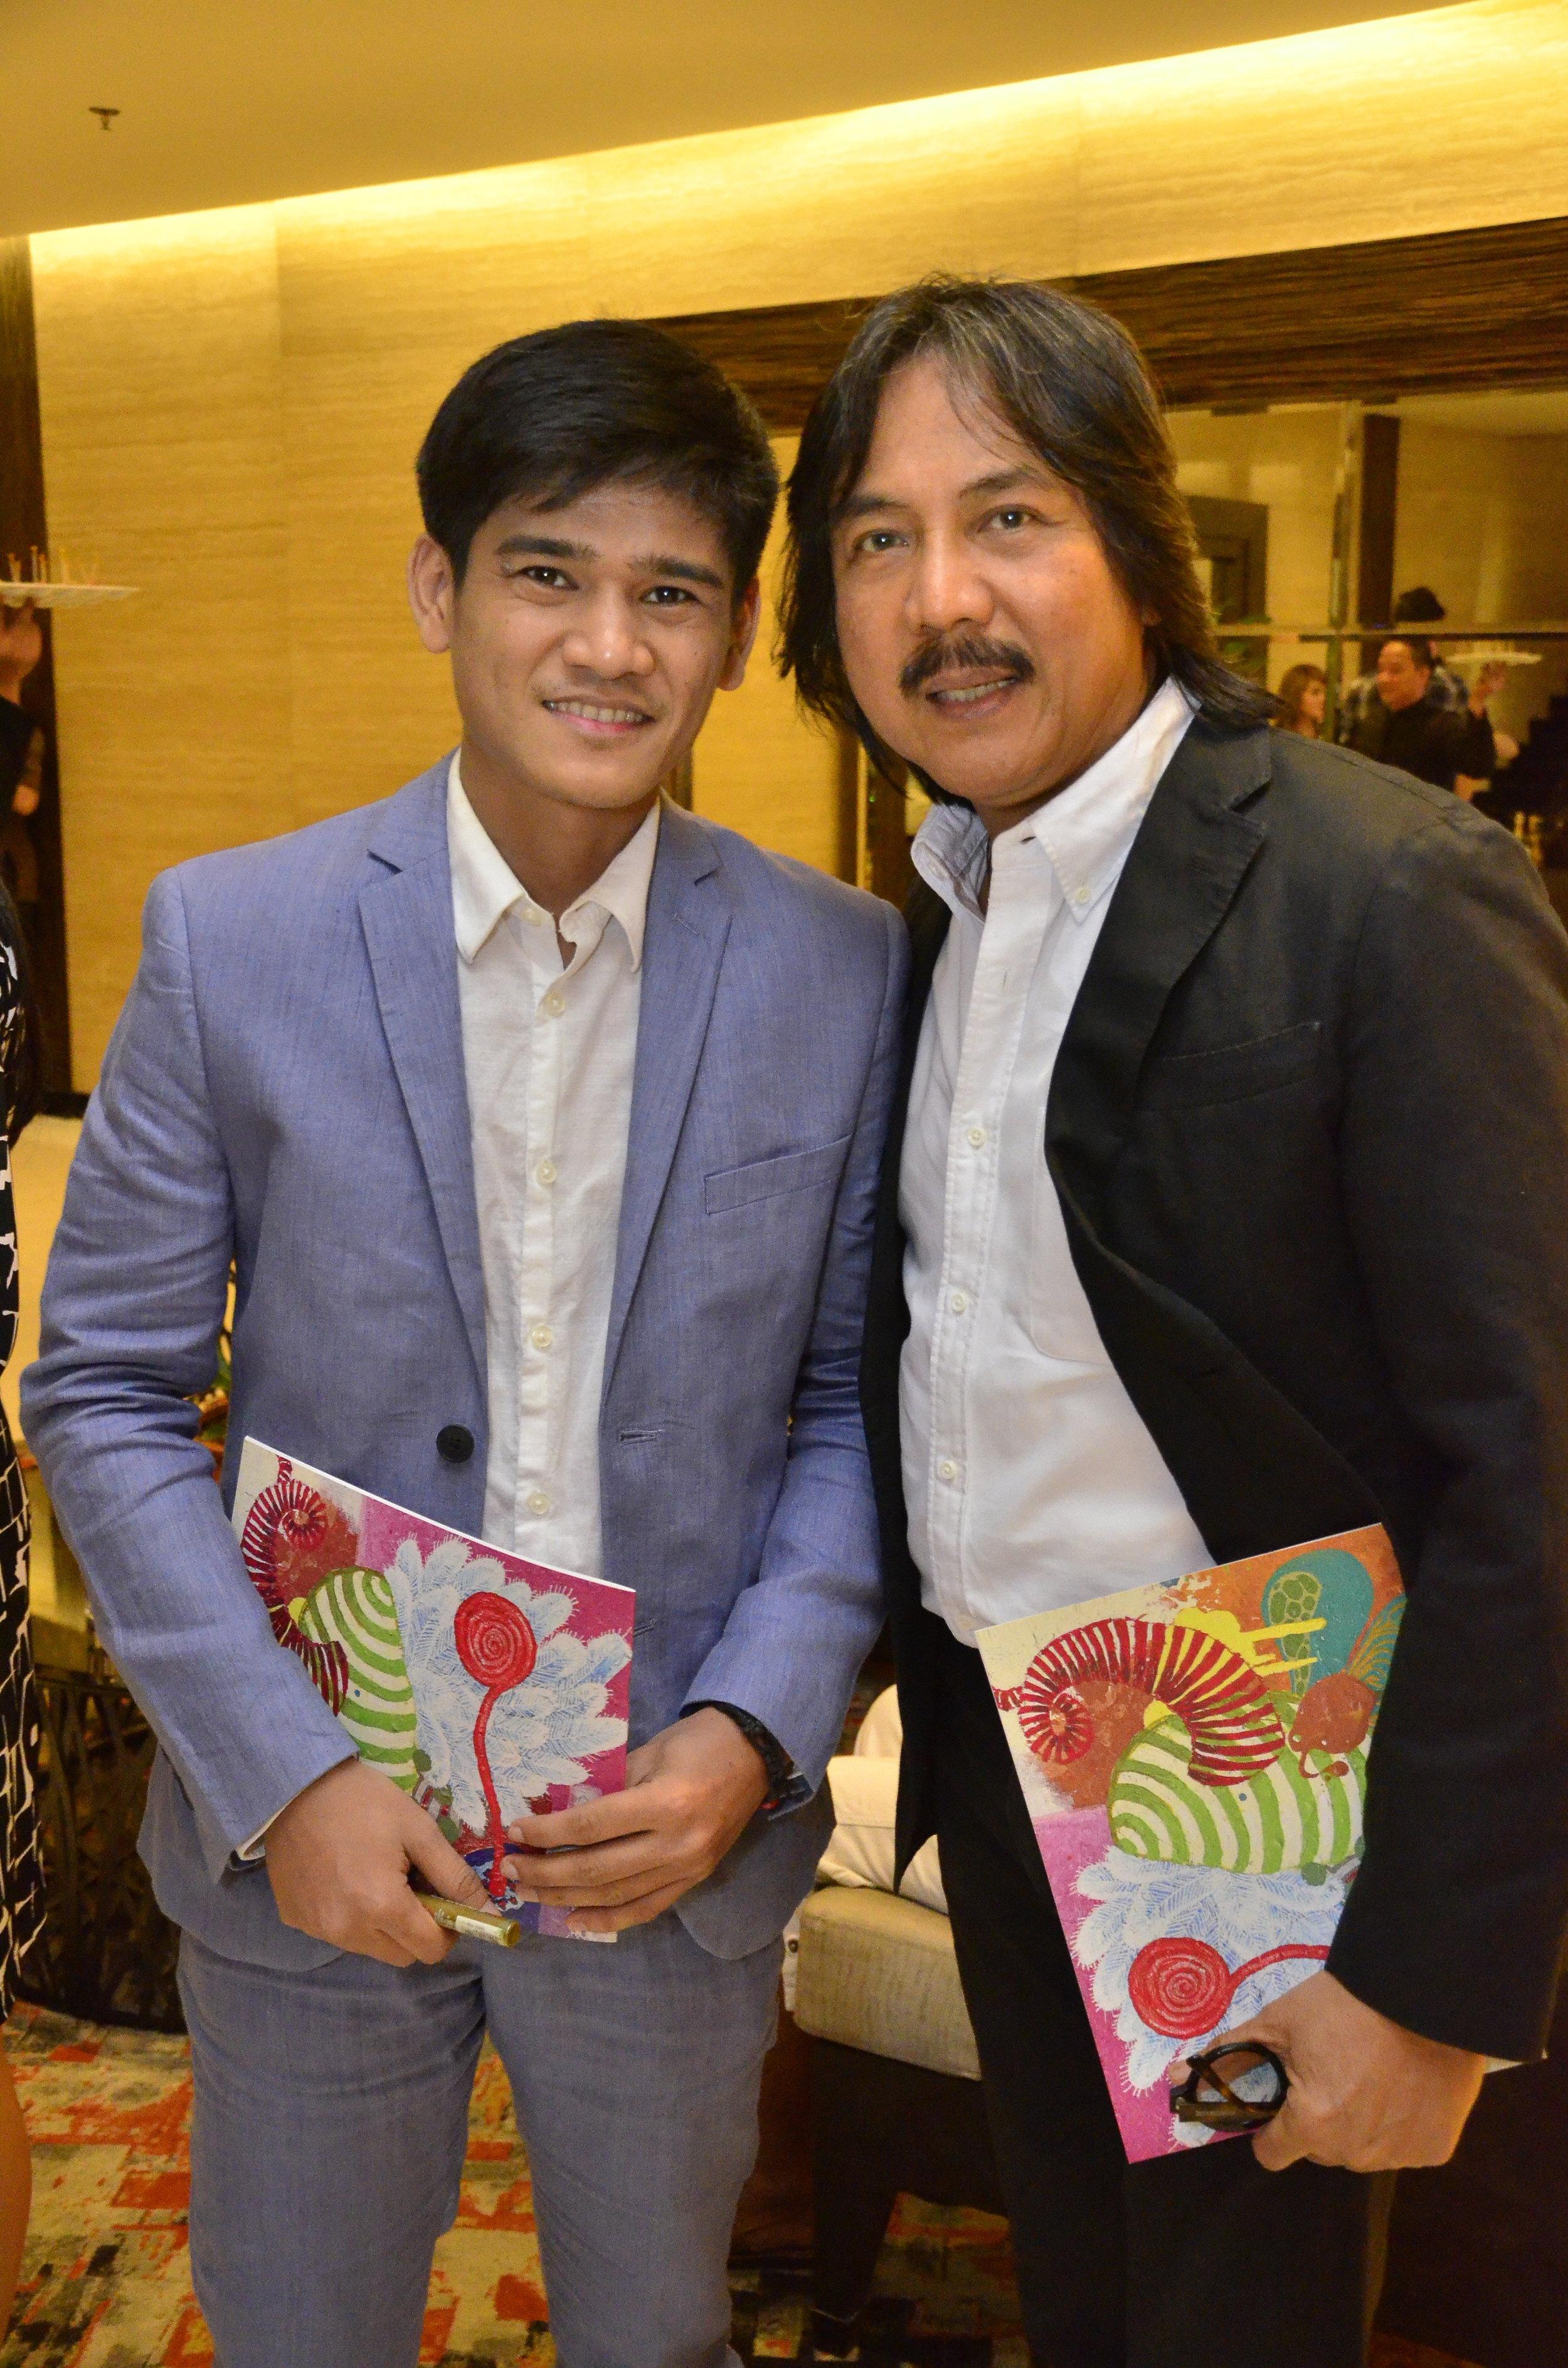 With Guest of Honor Nestor Vinluan